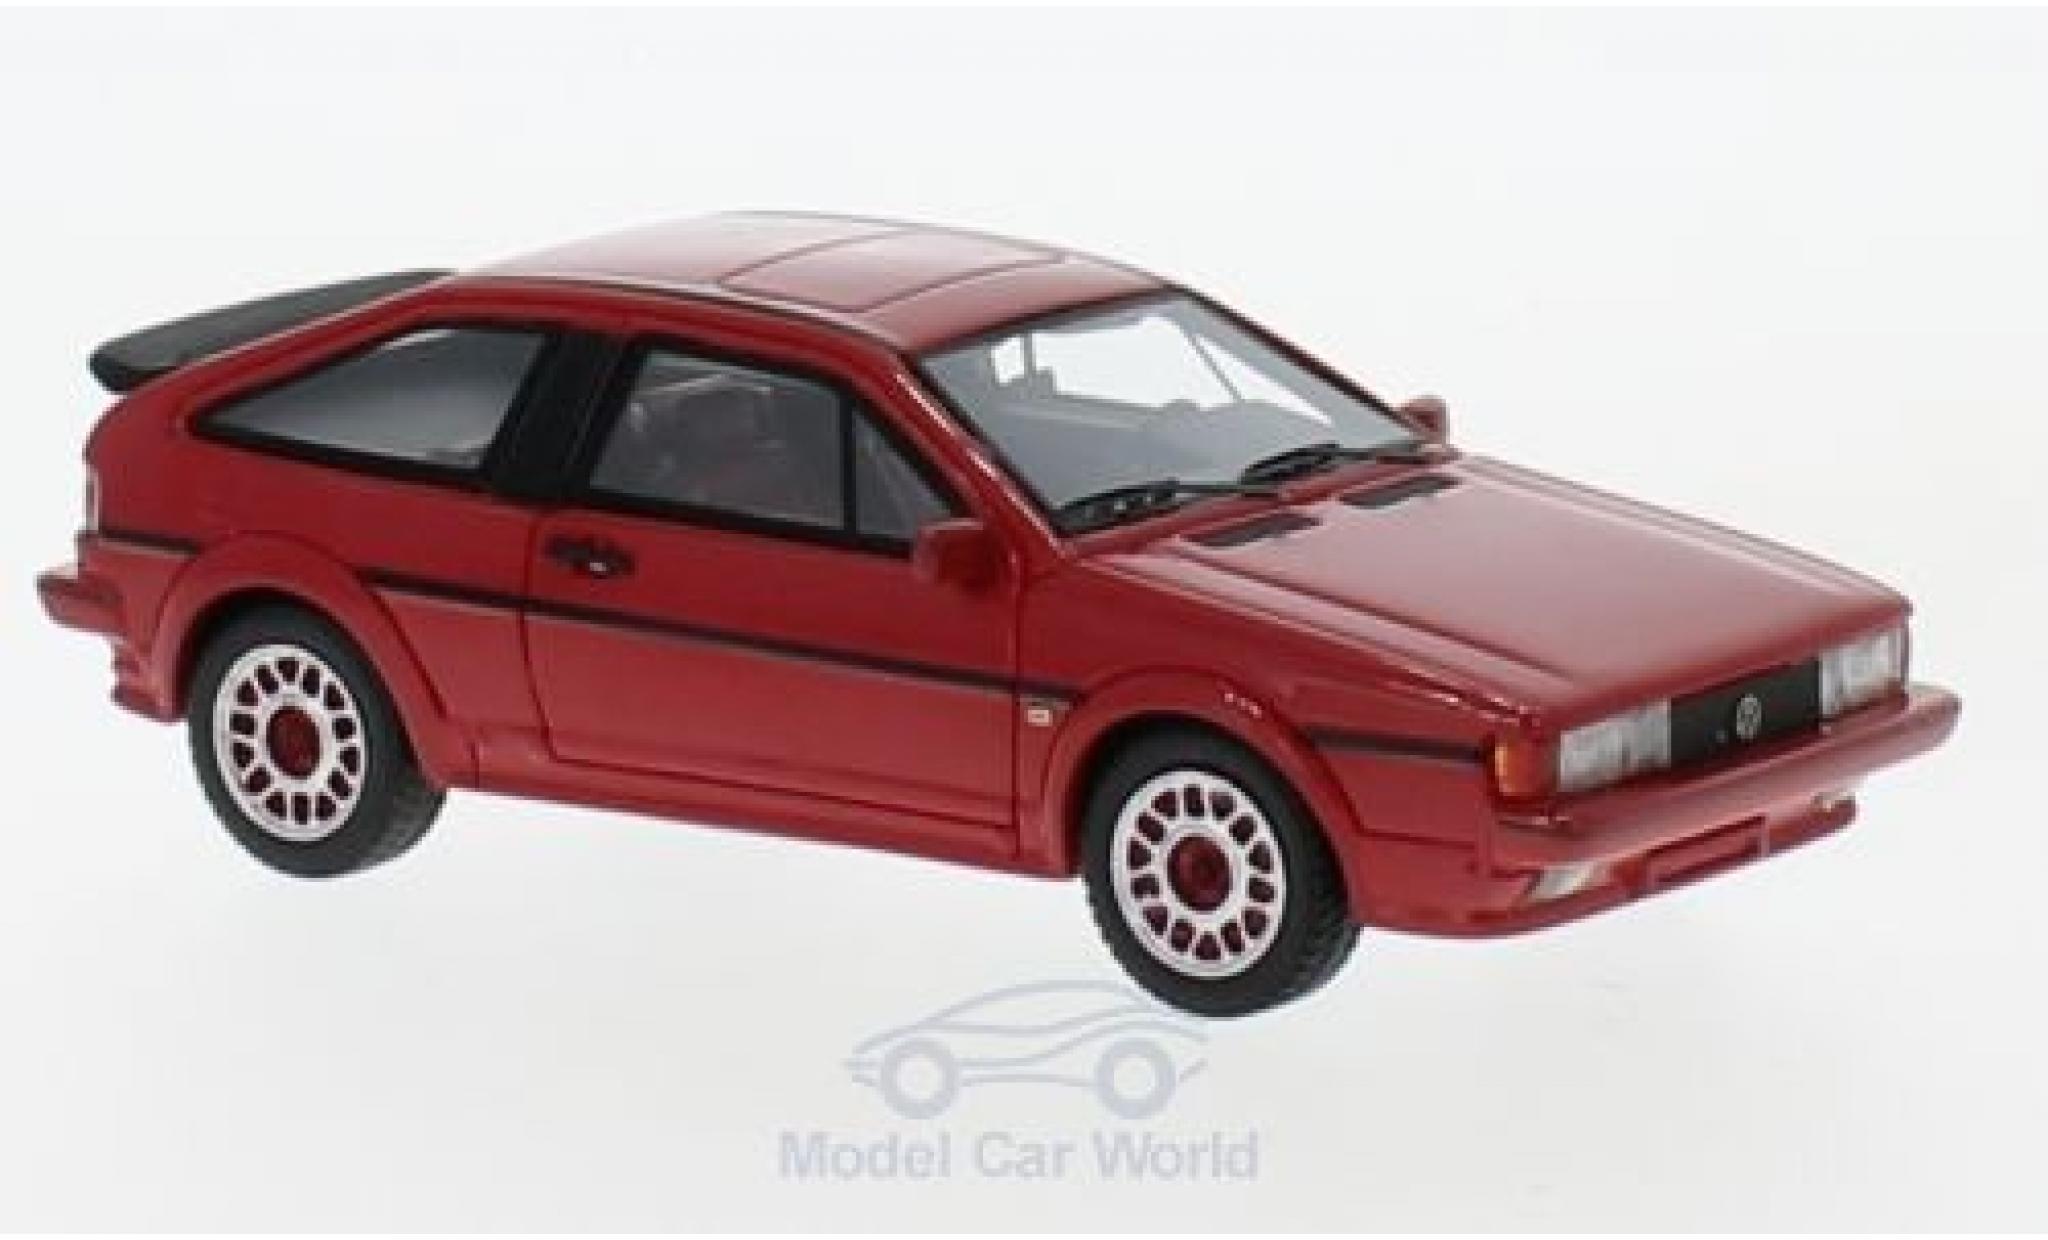 Volkswagen Scirocco 1/43 Neo II Scala rouge 1986